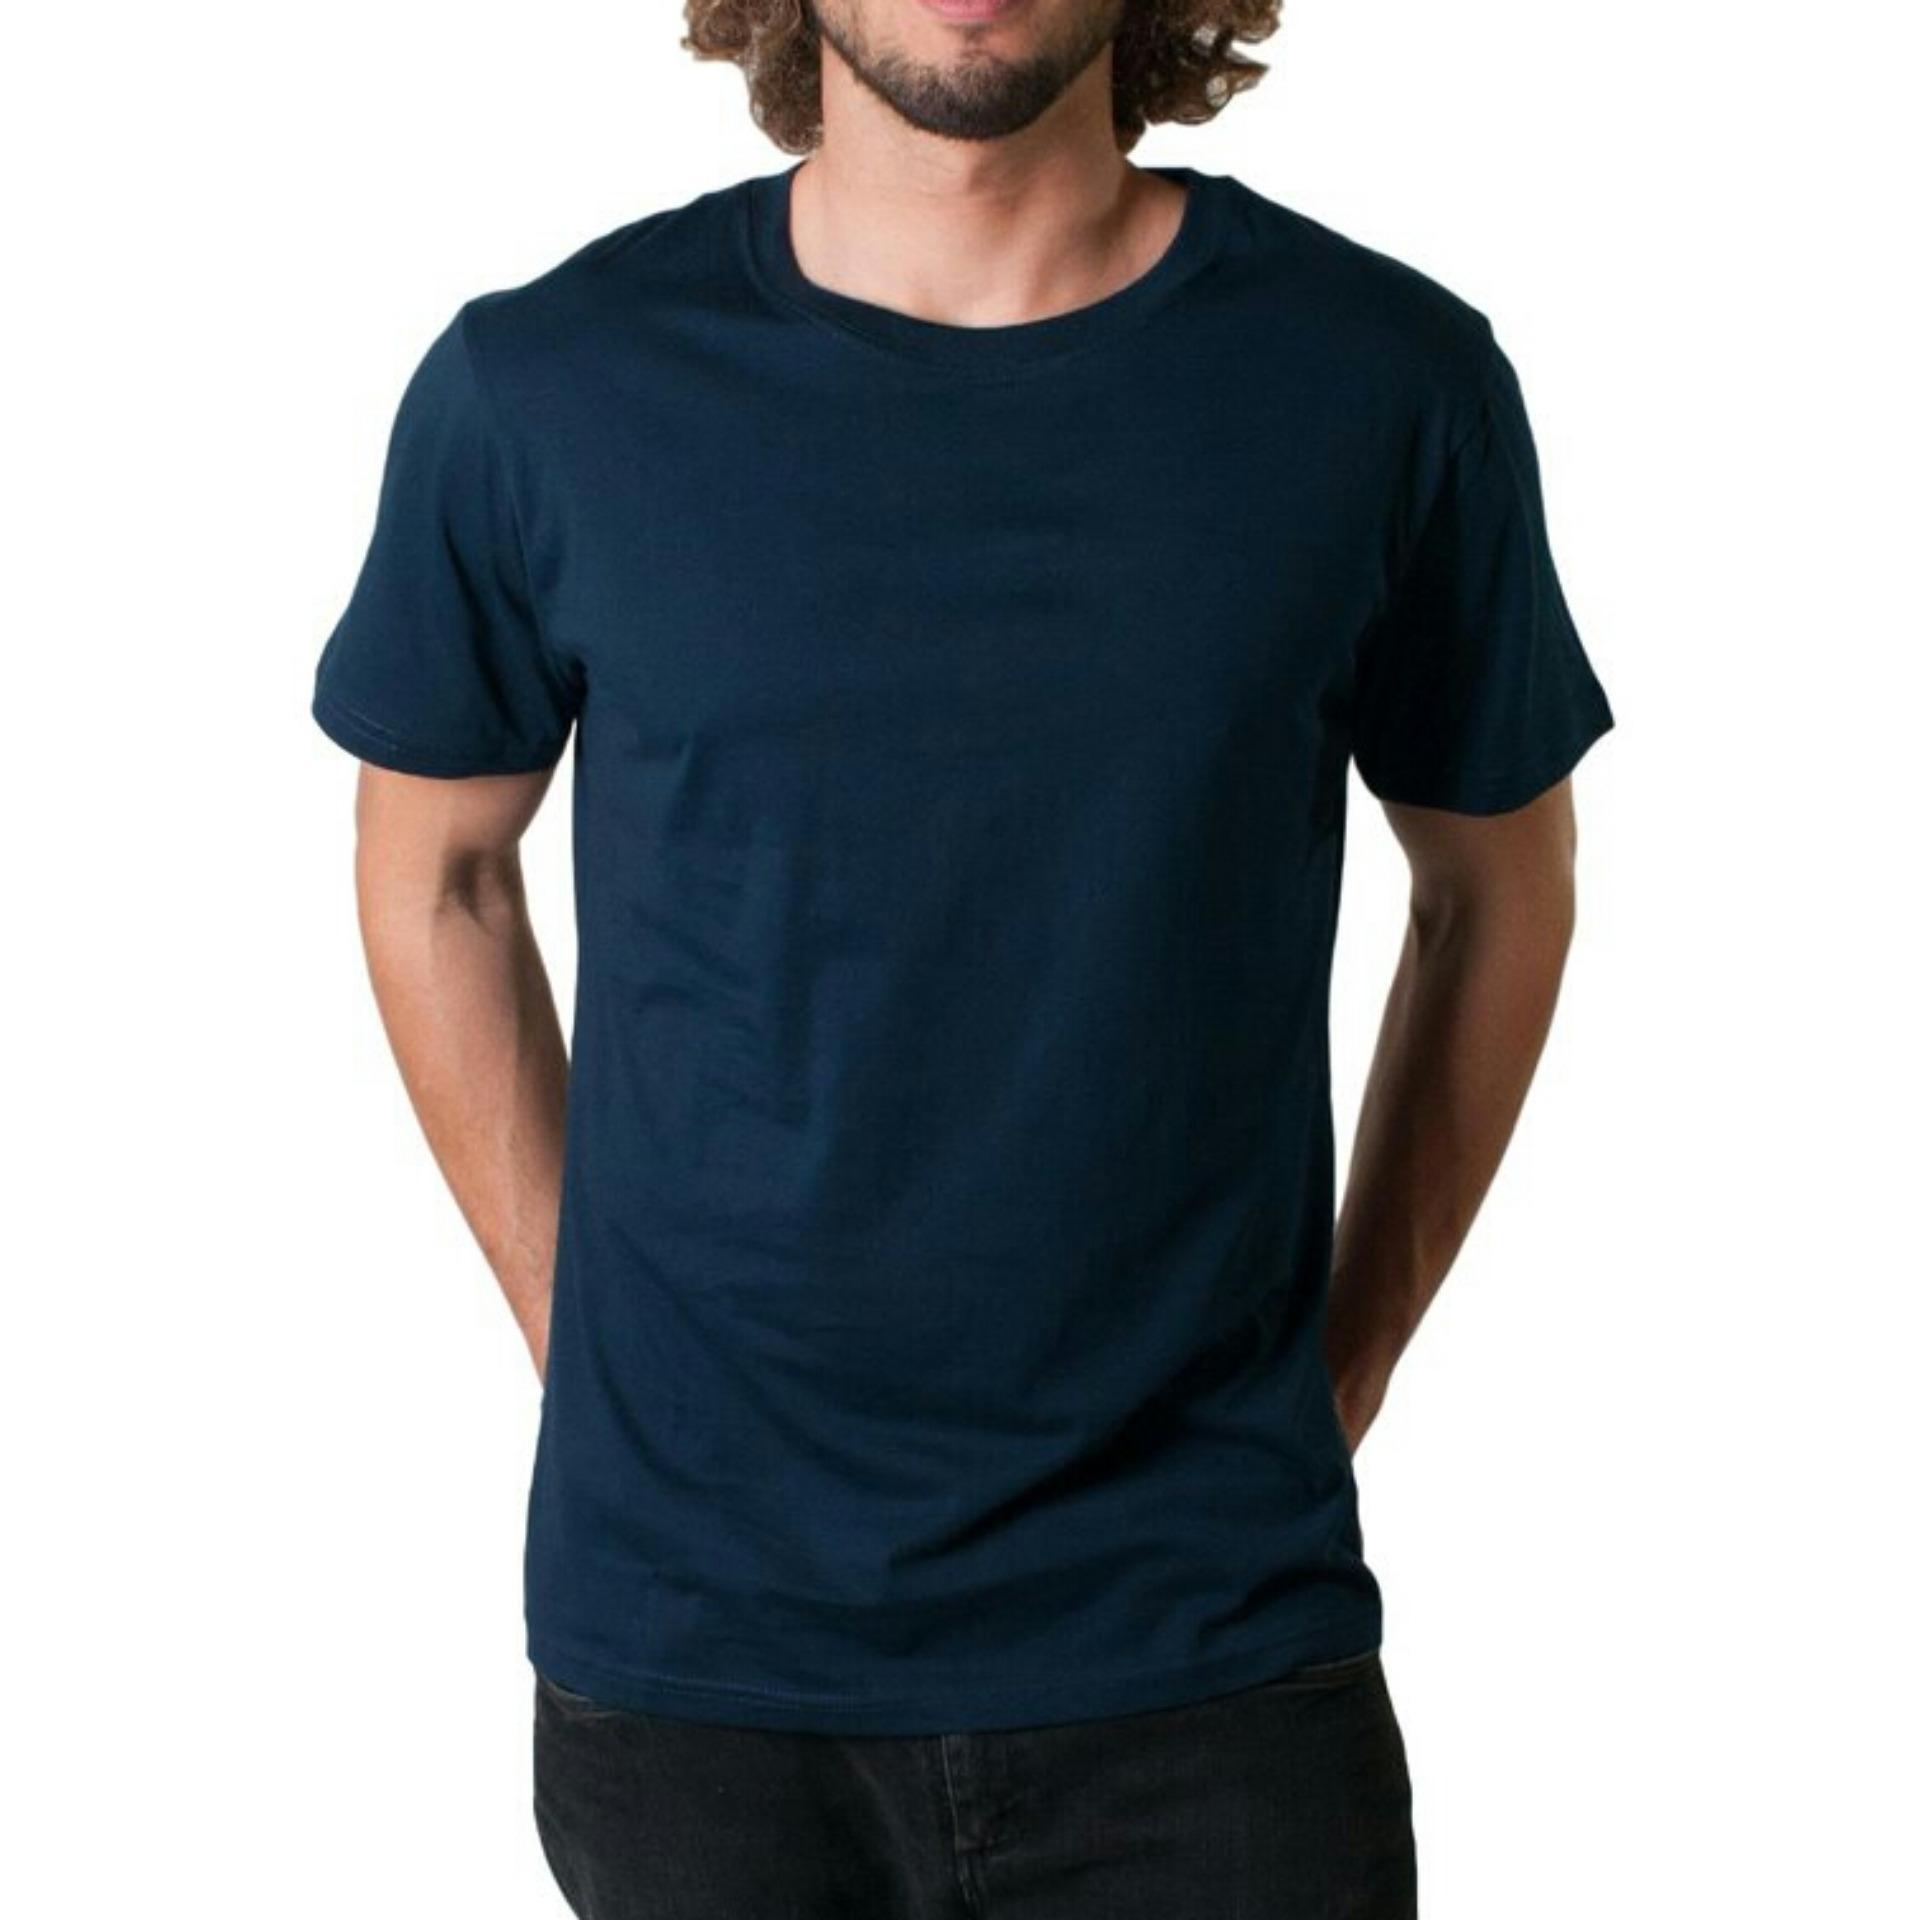 Cek Harga Baru Kaos Polos O Neck Cotton Combed 20s Lengan Panjang Size Xl Tradewear T Shirt Pendek